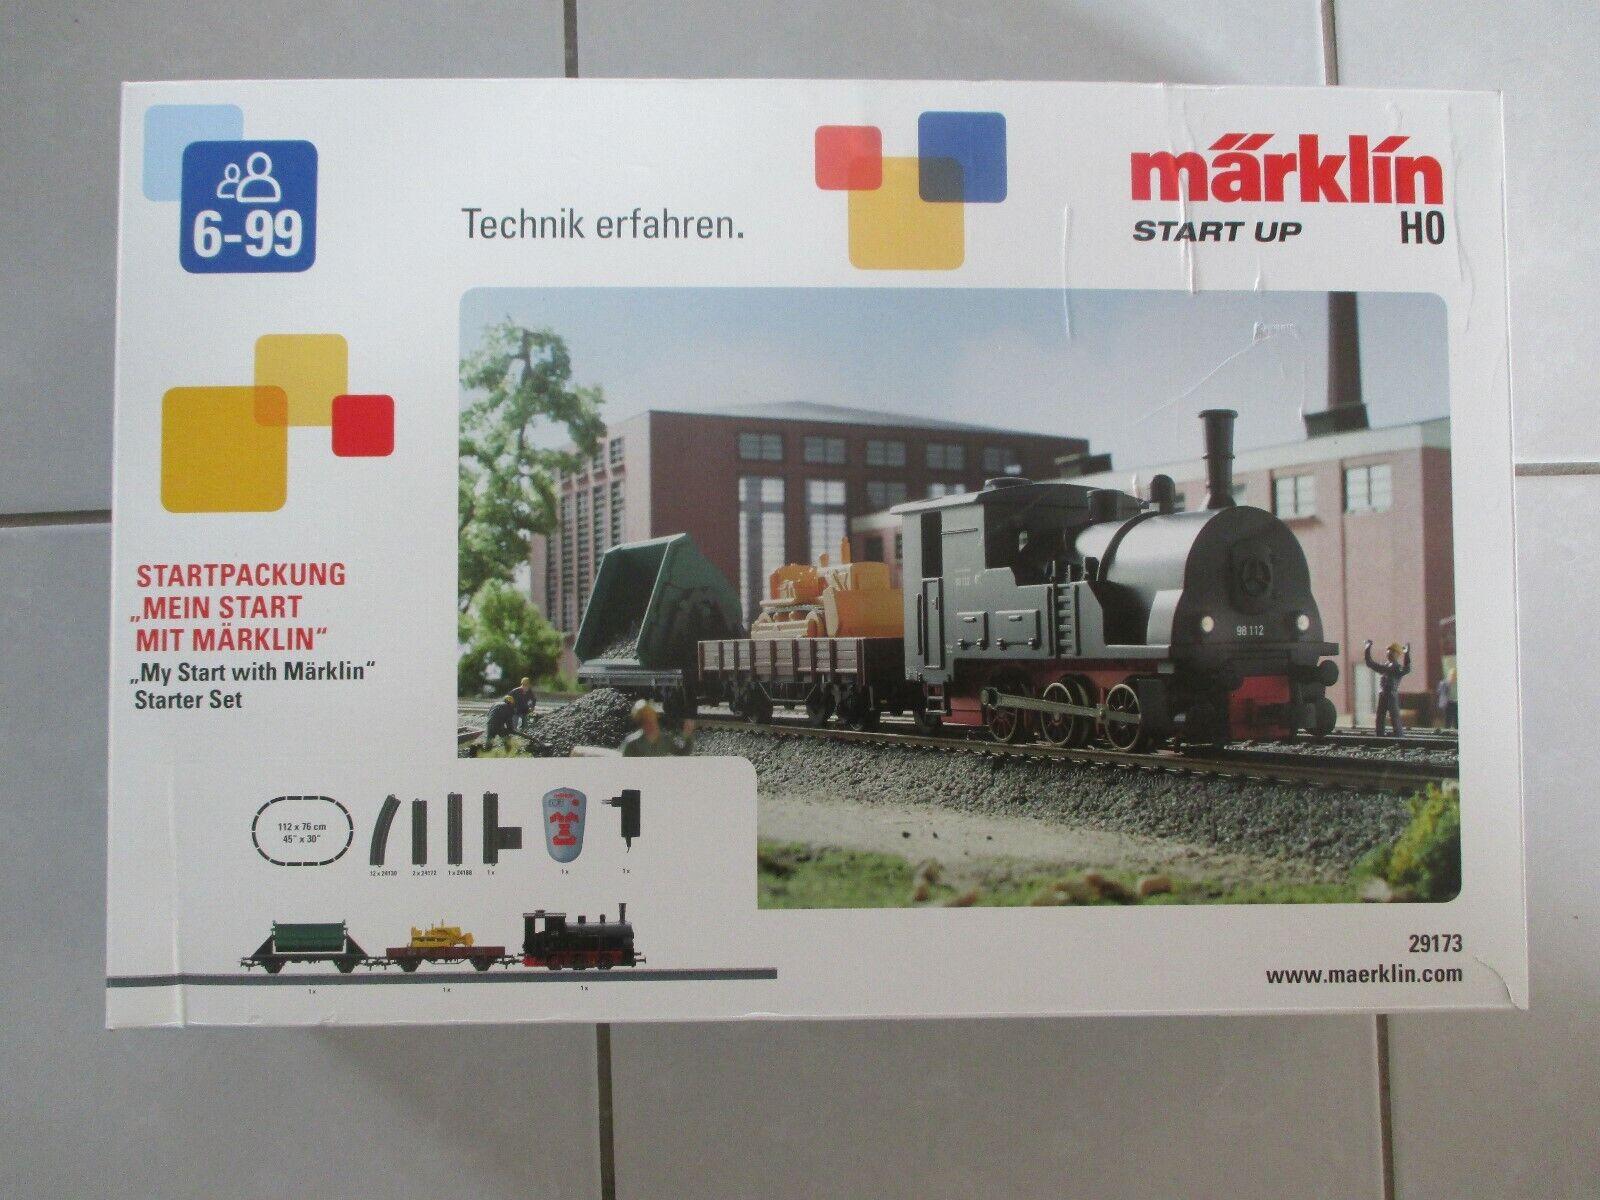 Märklin 29173 Sternt up - SterntVerpackungung  Mein Sternt mit Märklin  in Spur H0